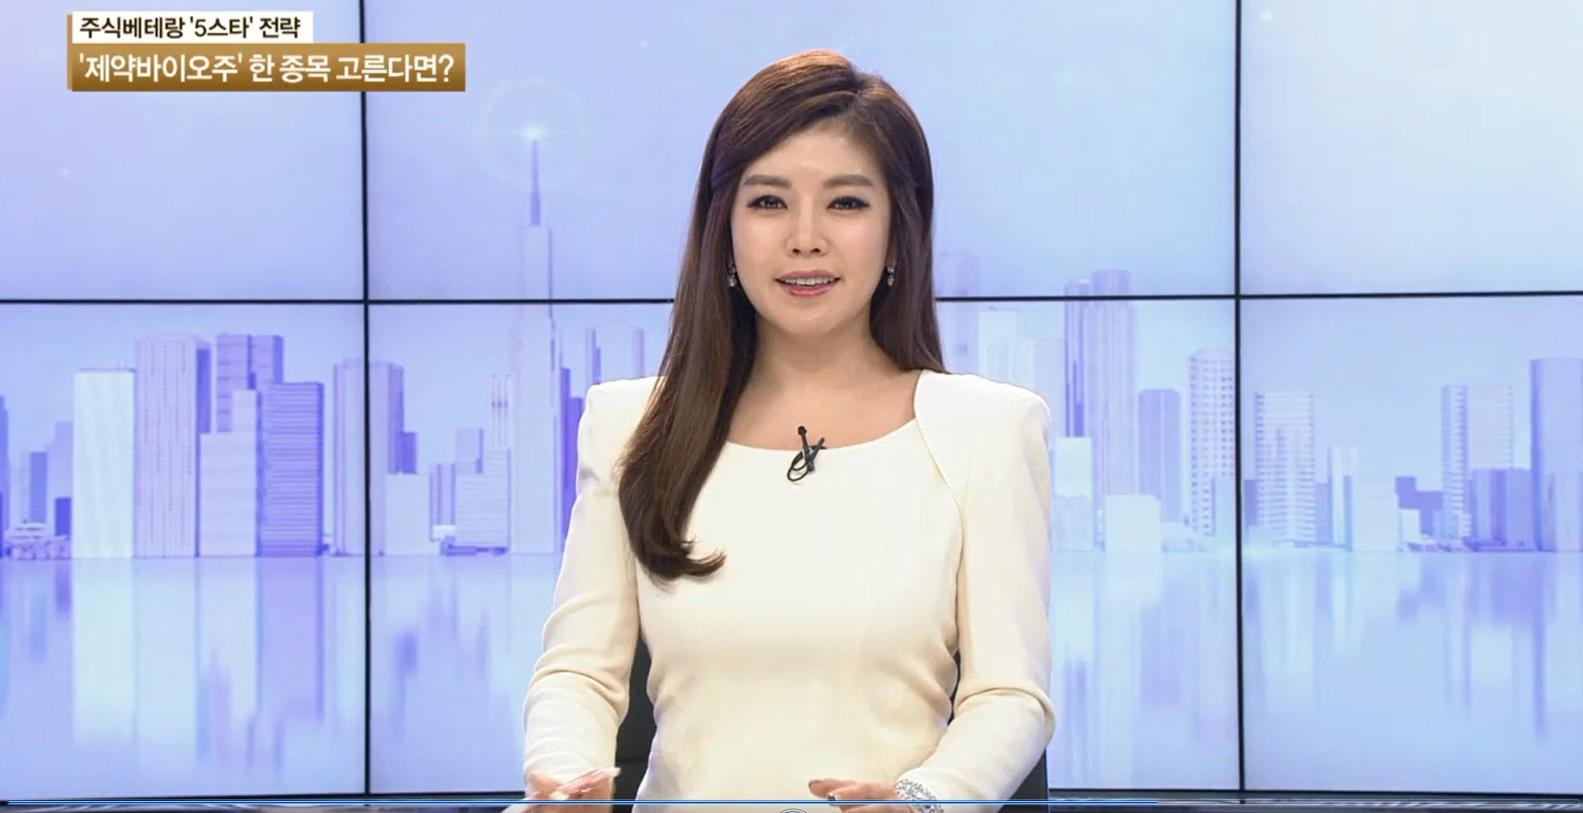 [5스타전략] 제약바이오주 투자 전략과 김영구 대표 추천주